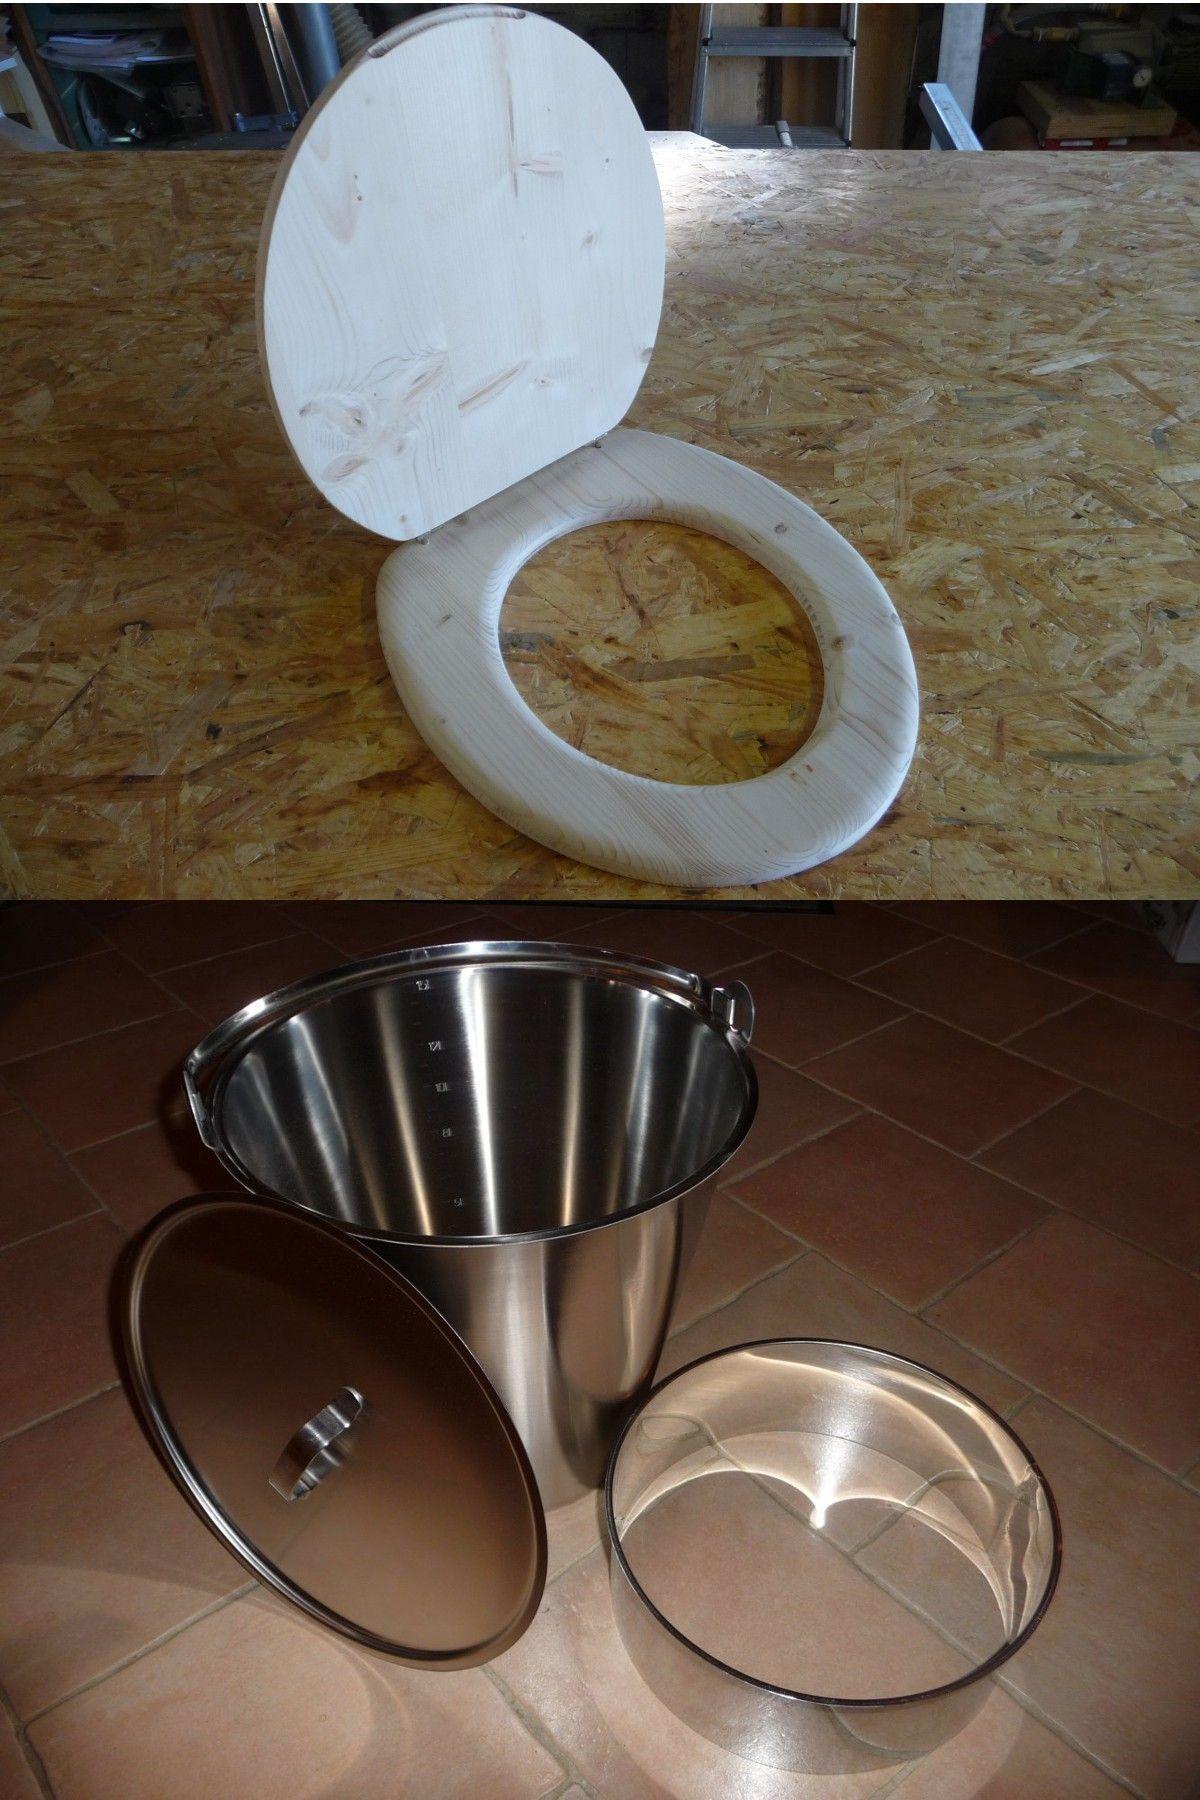 ensemble pour fabriquer ses propres toilettes s ches lunette abattant bois seau inox. Black Bedroom Furniture Sets. Home Design Ideas